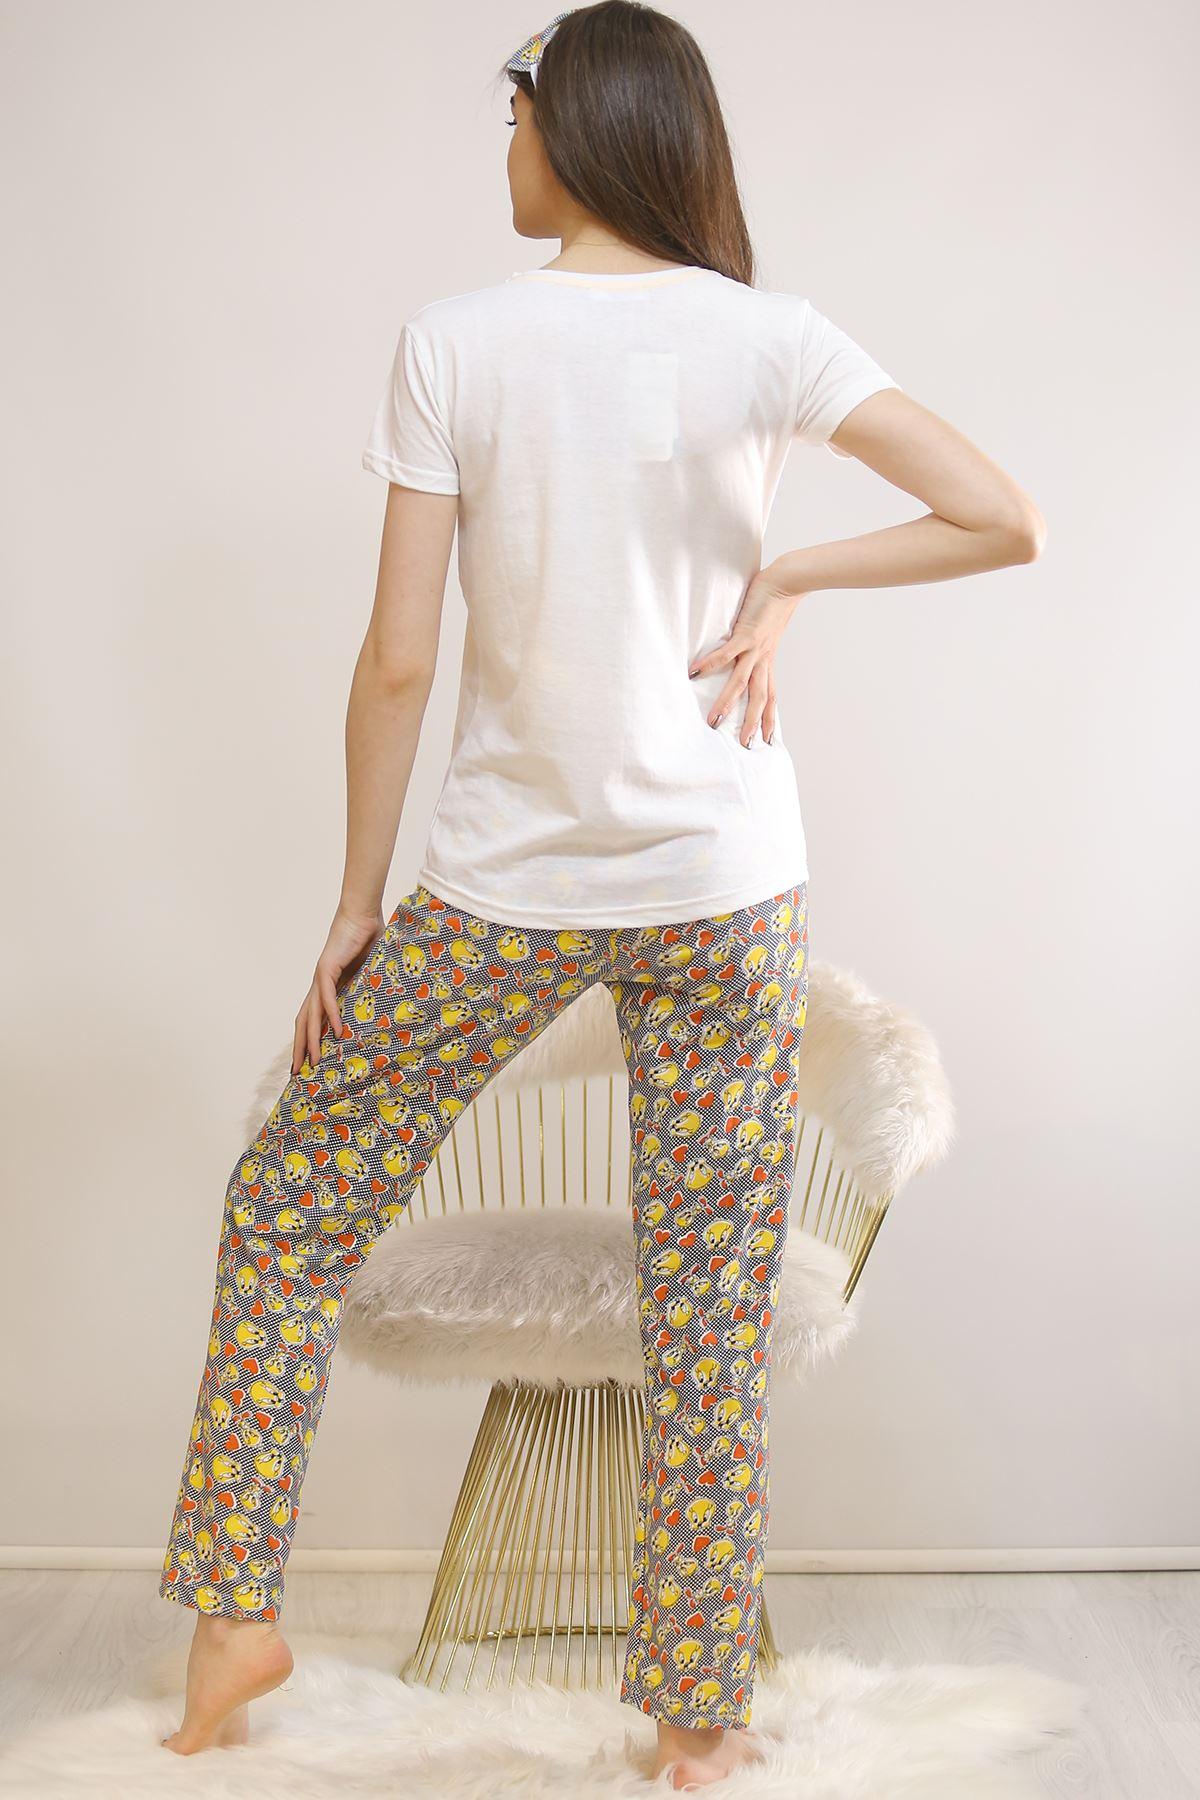 Baskılı Pijama Takımı Beyaz - 21827.1059. Toptan